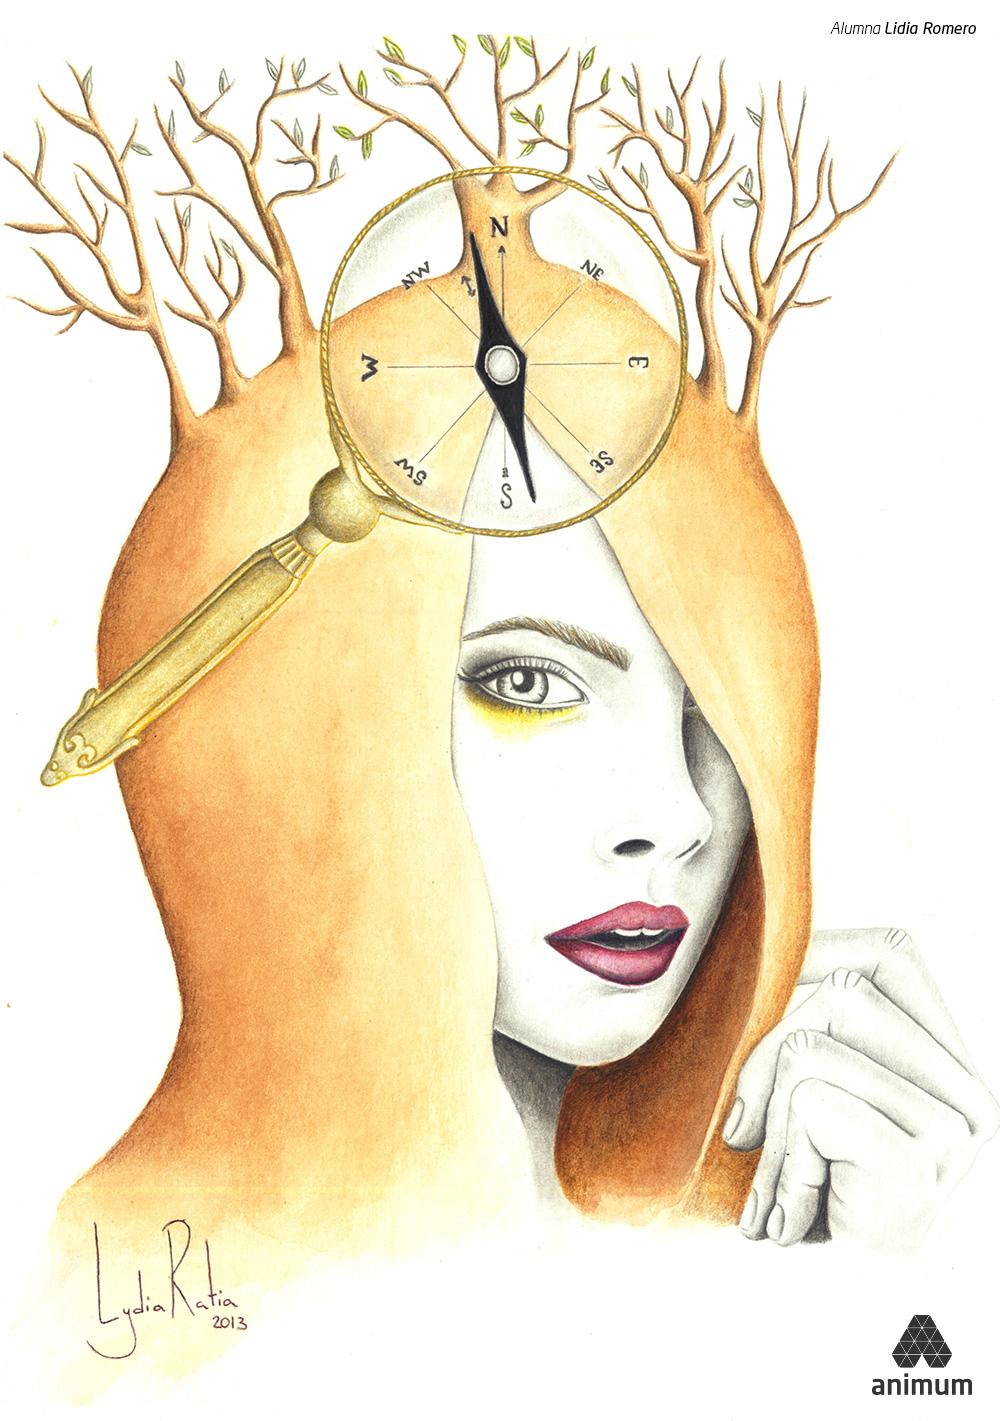 Trabajos de Dibujo Digital Lidia Romero